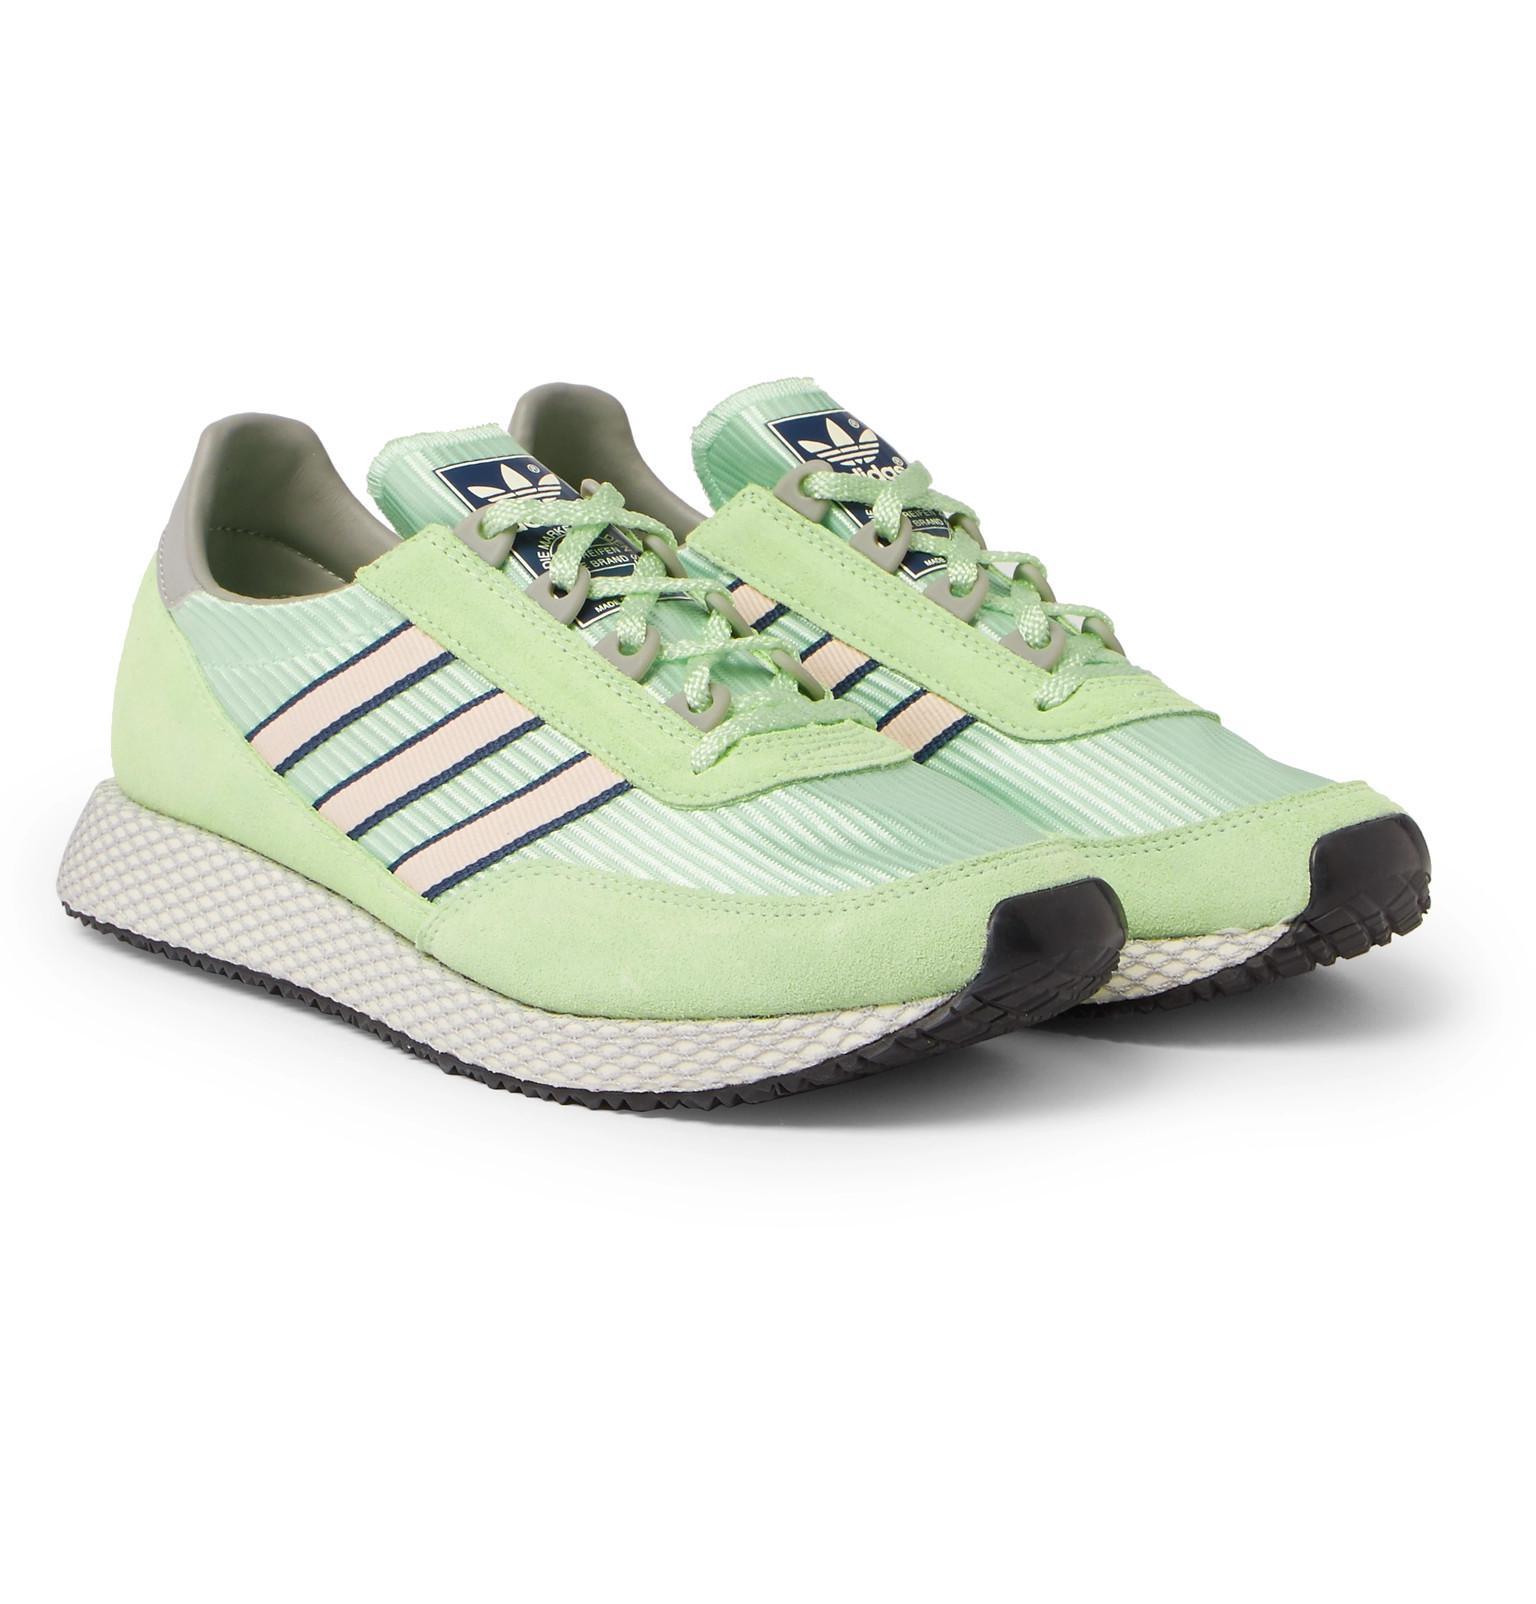 Adidas Originals Glenbuck spzl gamuza y nylon zapatillas en verde para